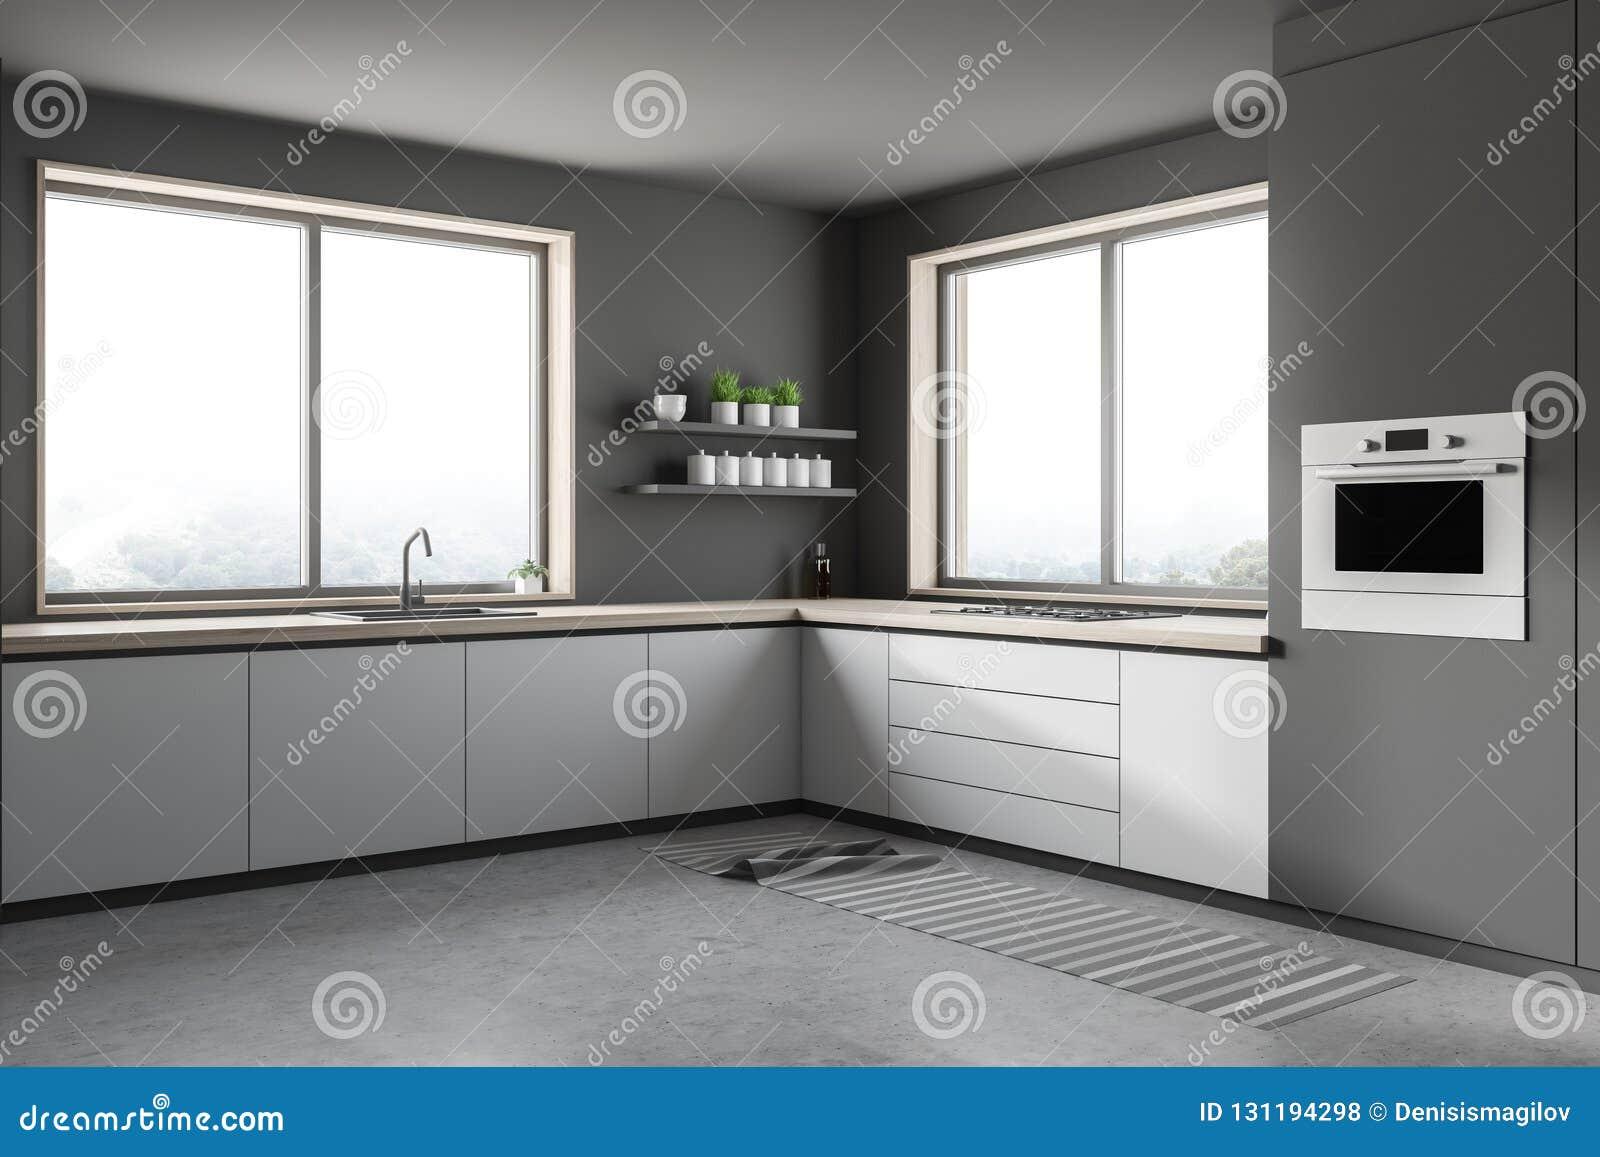 Cuisine Grise Avec Le Coin Blanc De Compteurs Illustration ...